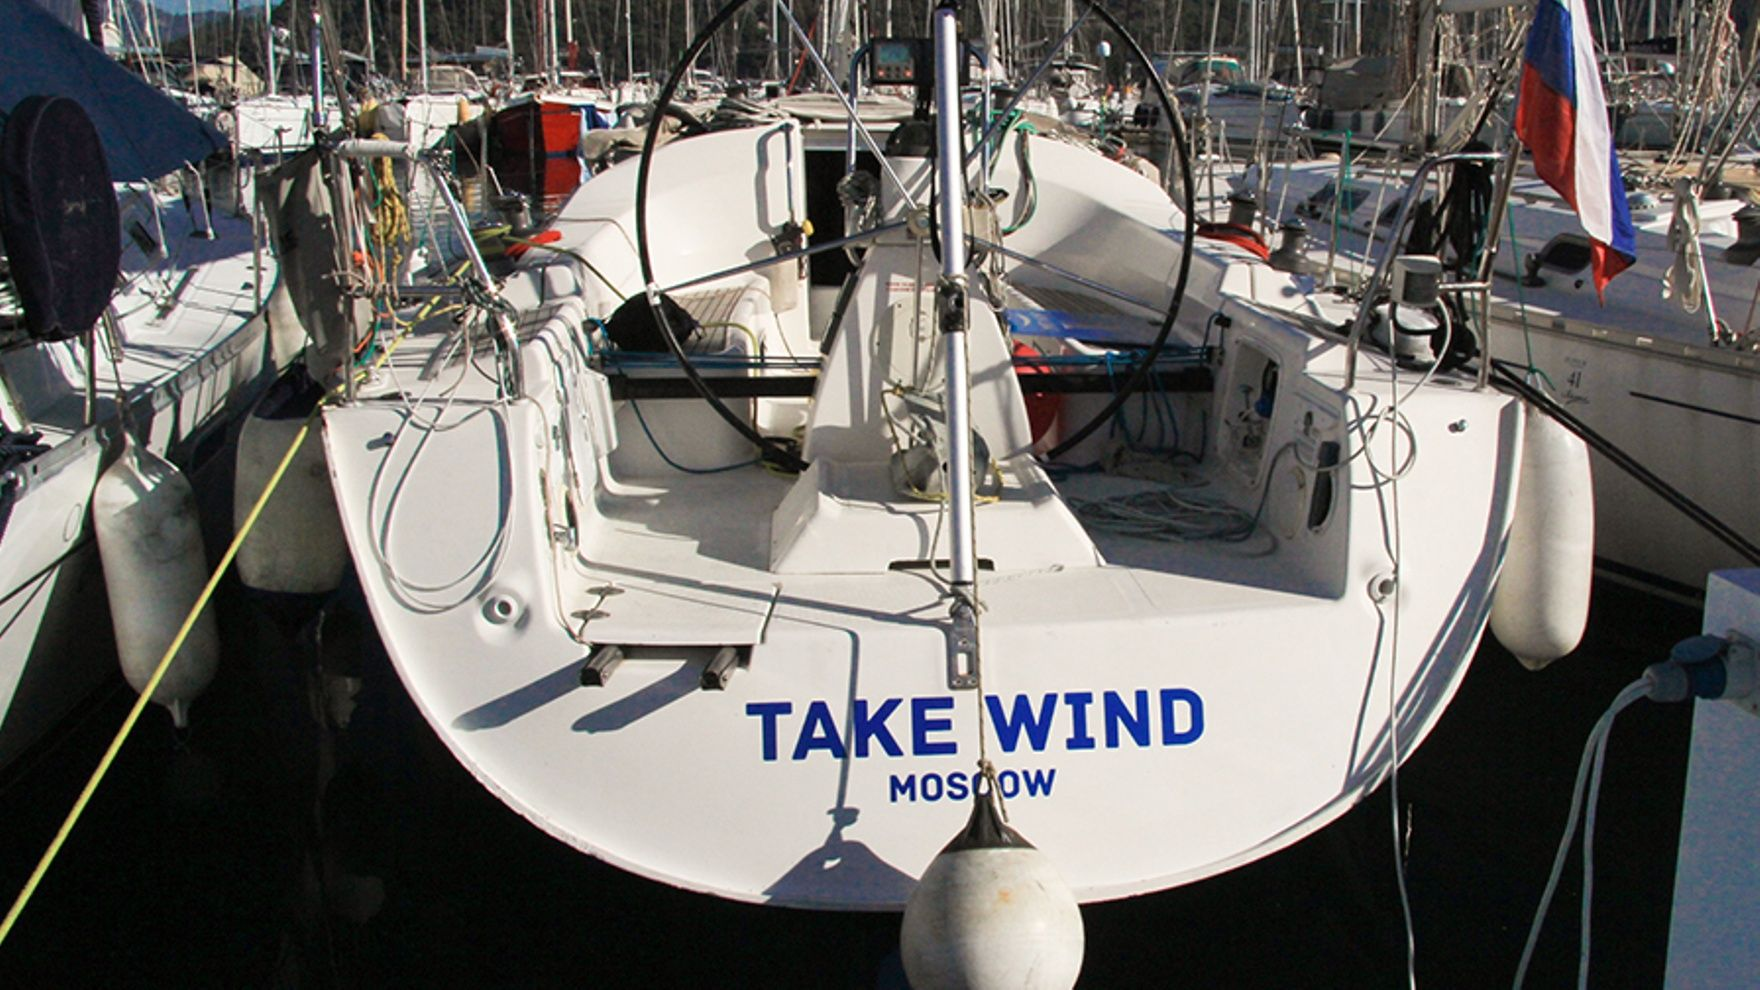 Обучение IYT Bareboat Skipper в Турции